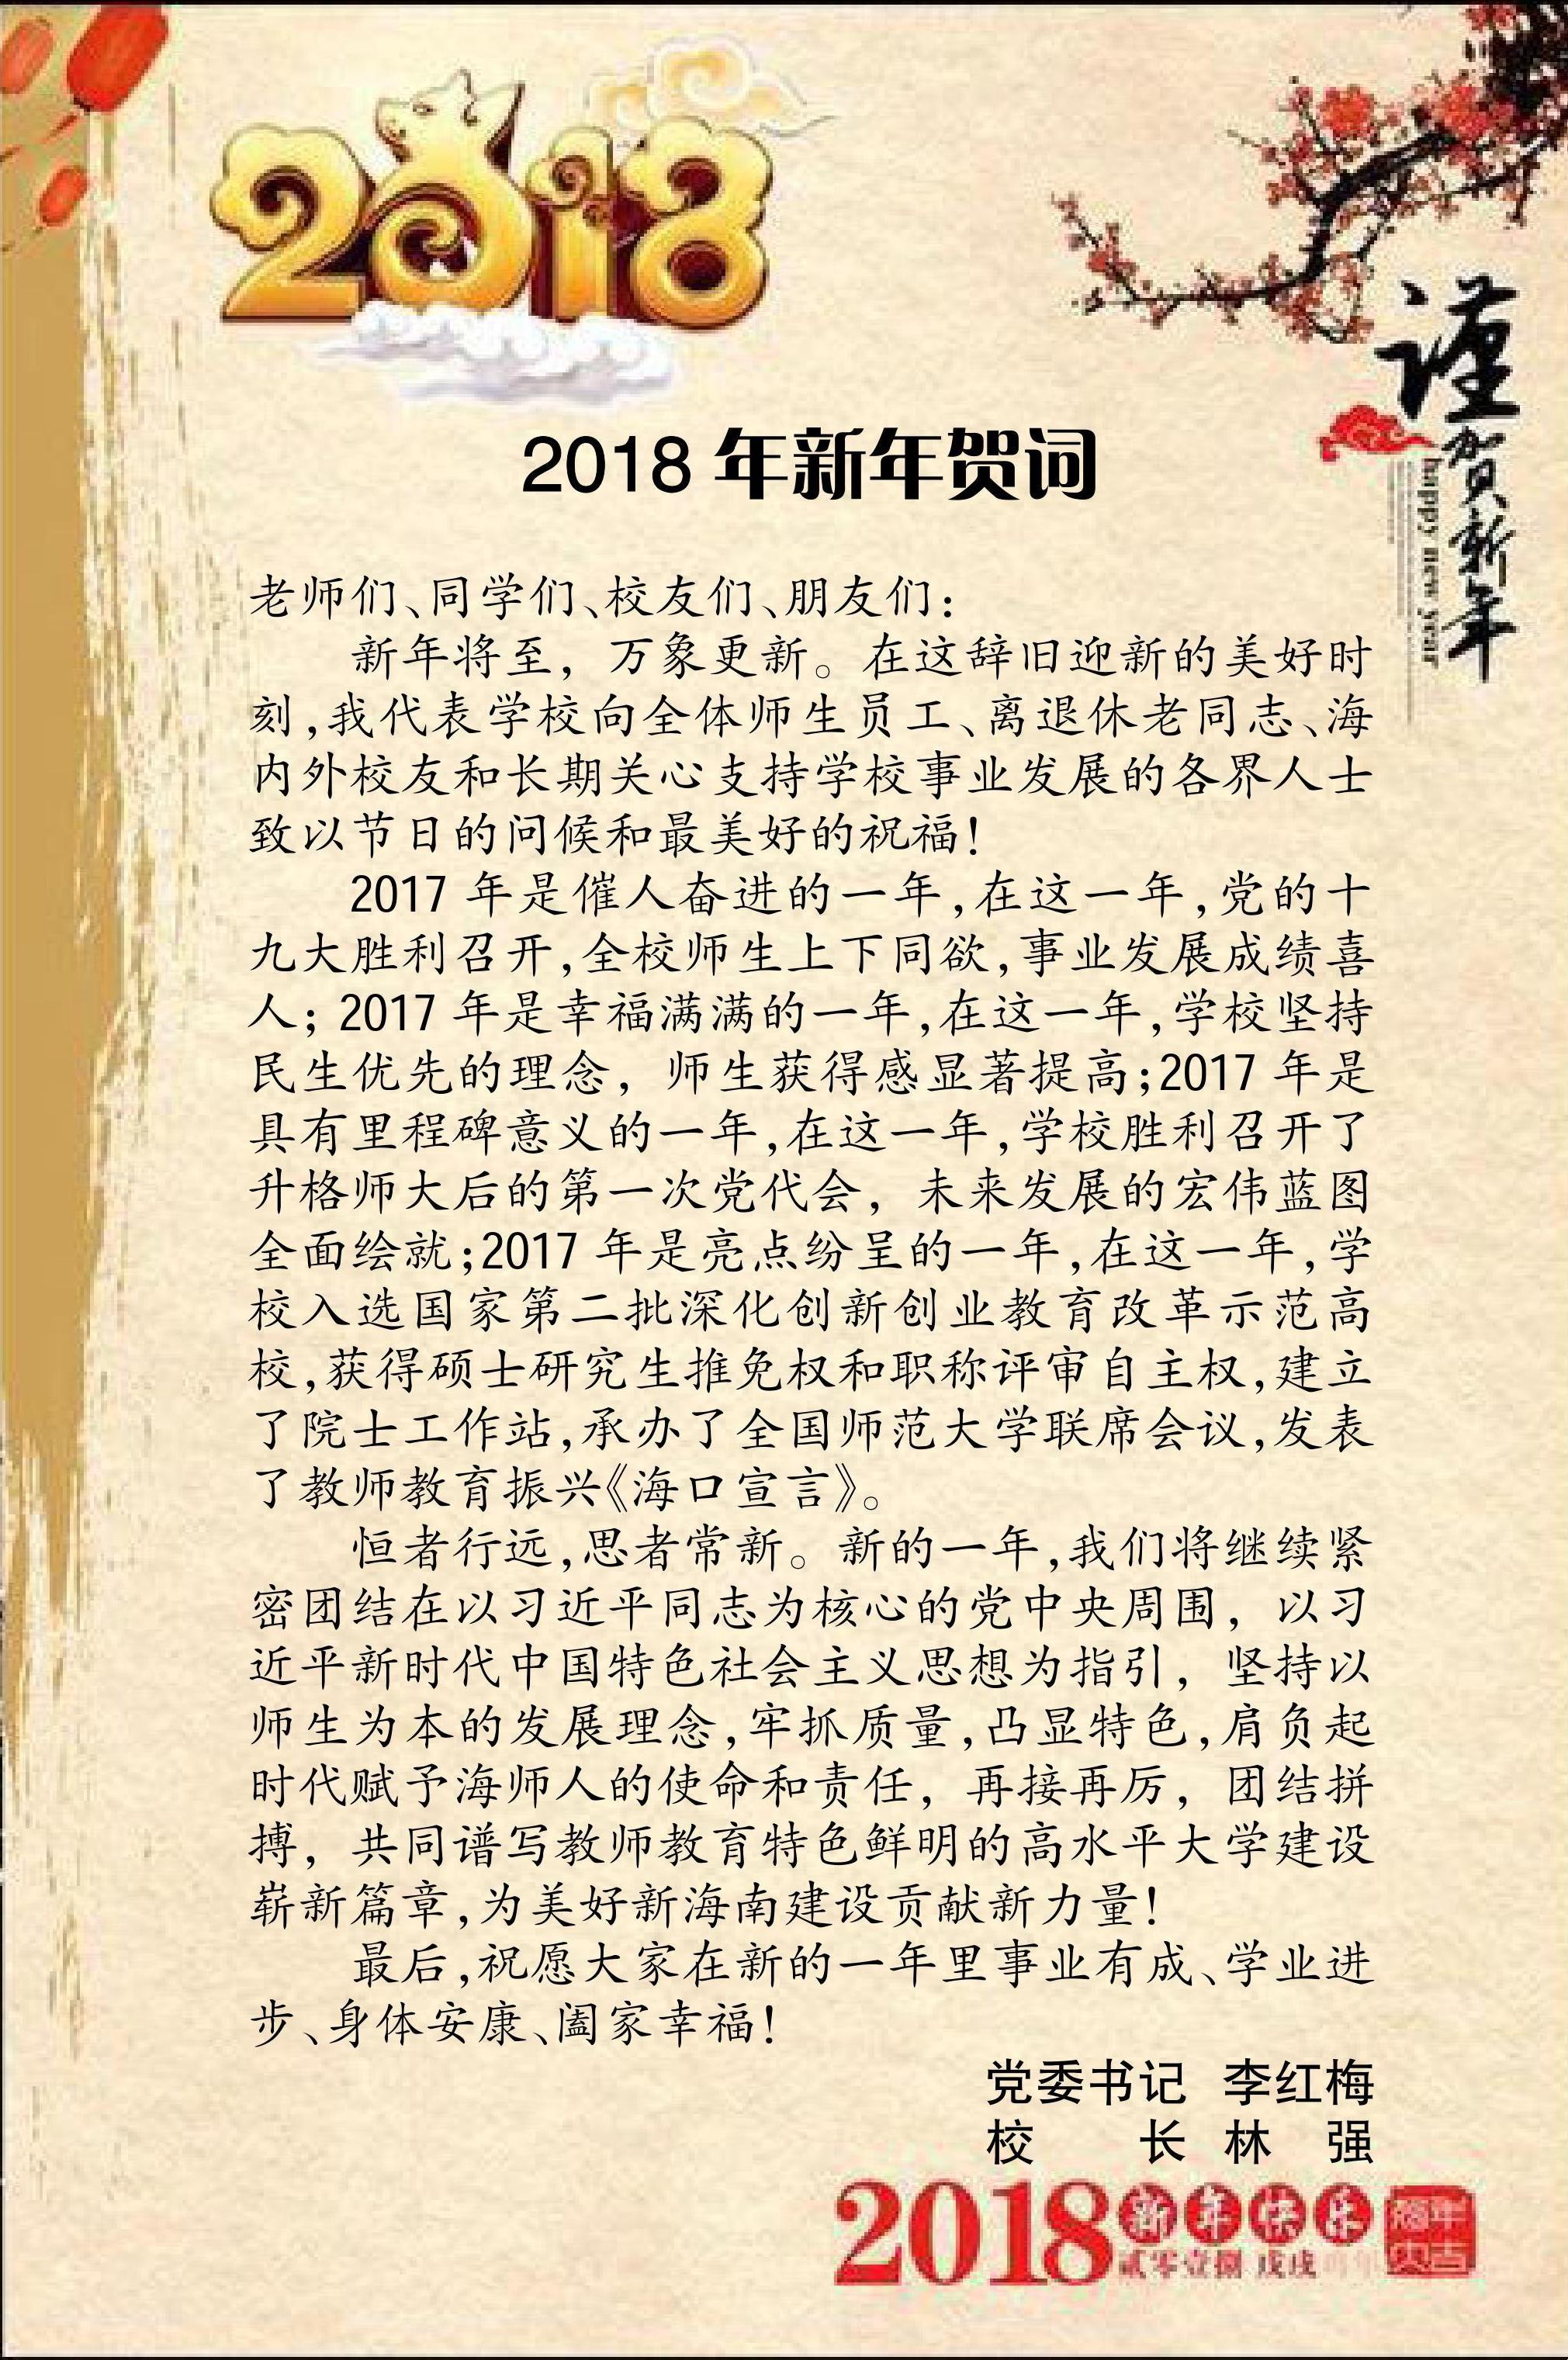 2018新年贺词